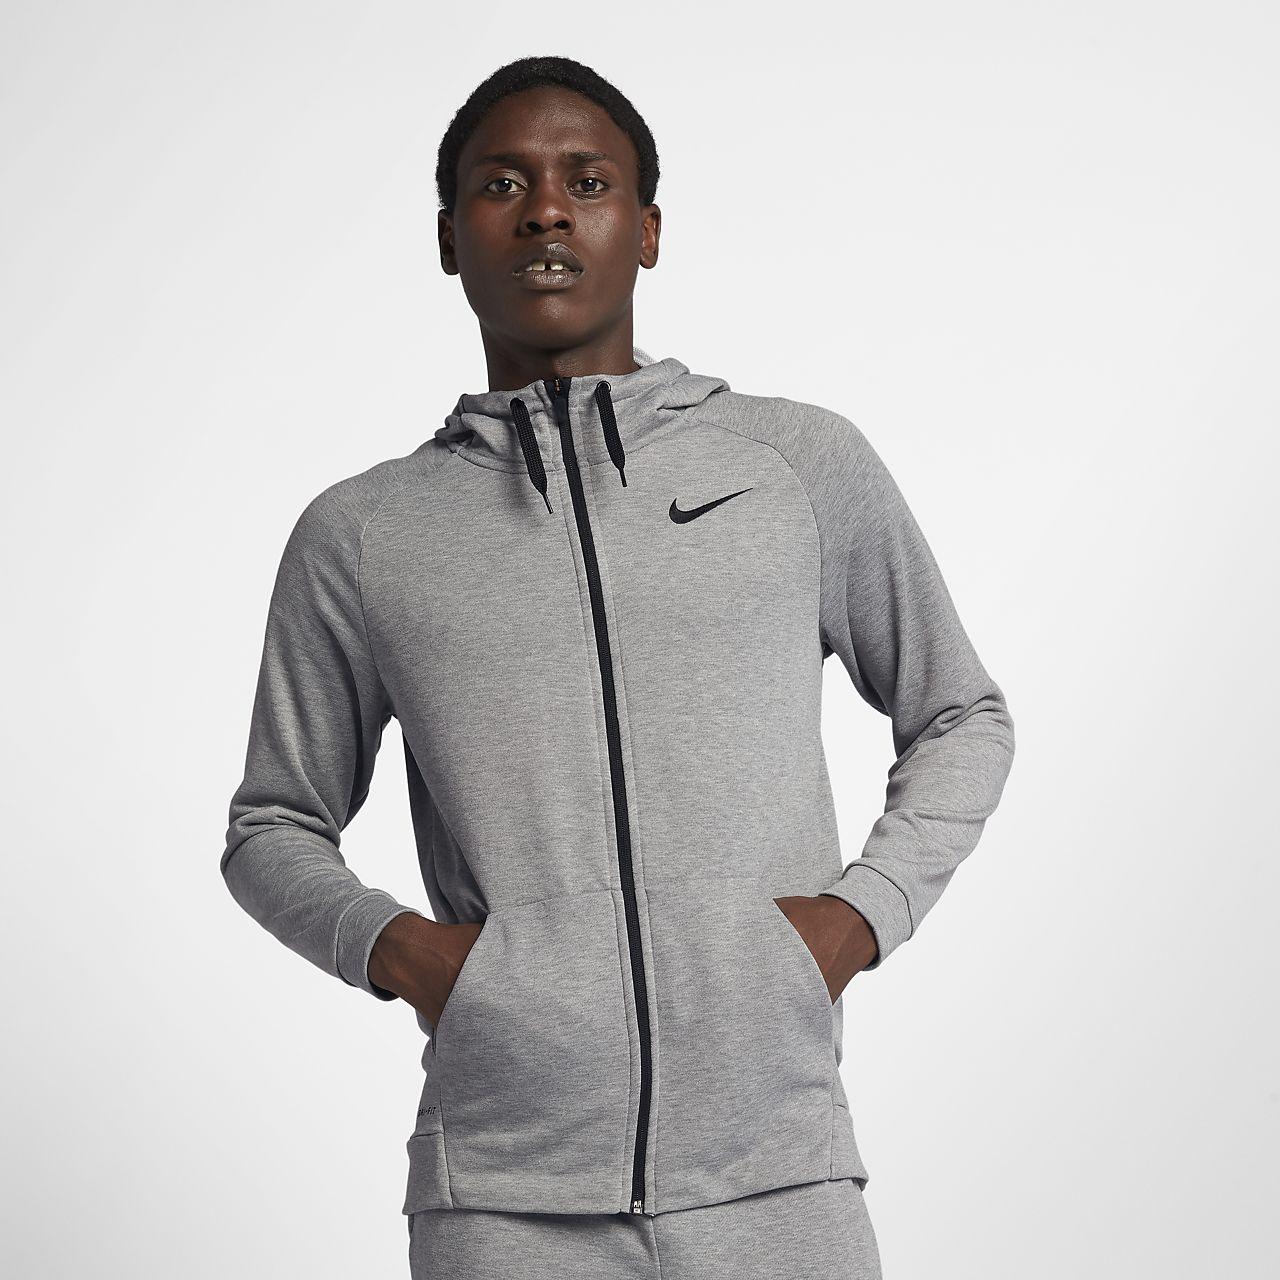 ee8d623623c760 ... Felpa da training con cappuccio e zip a tutta lunghezza Nike Dri-FIT -  Uomo